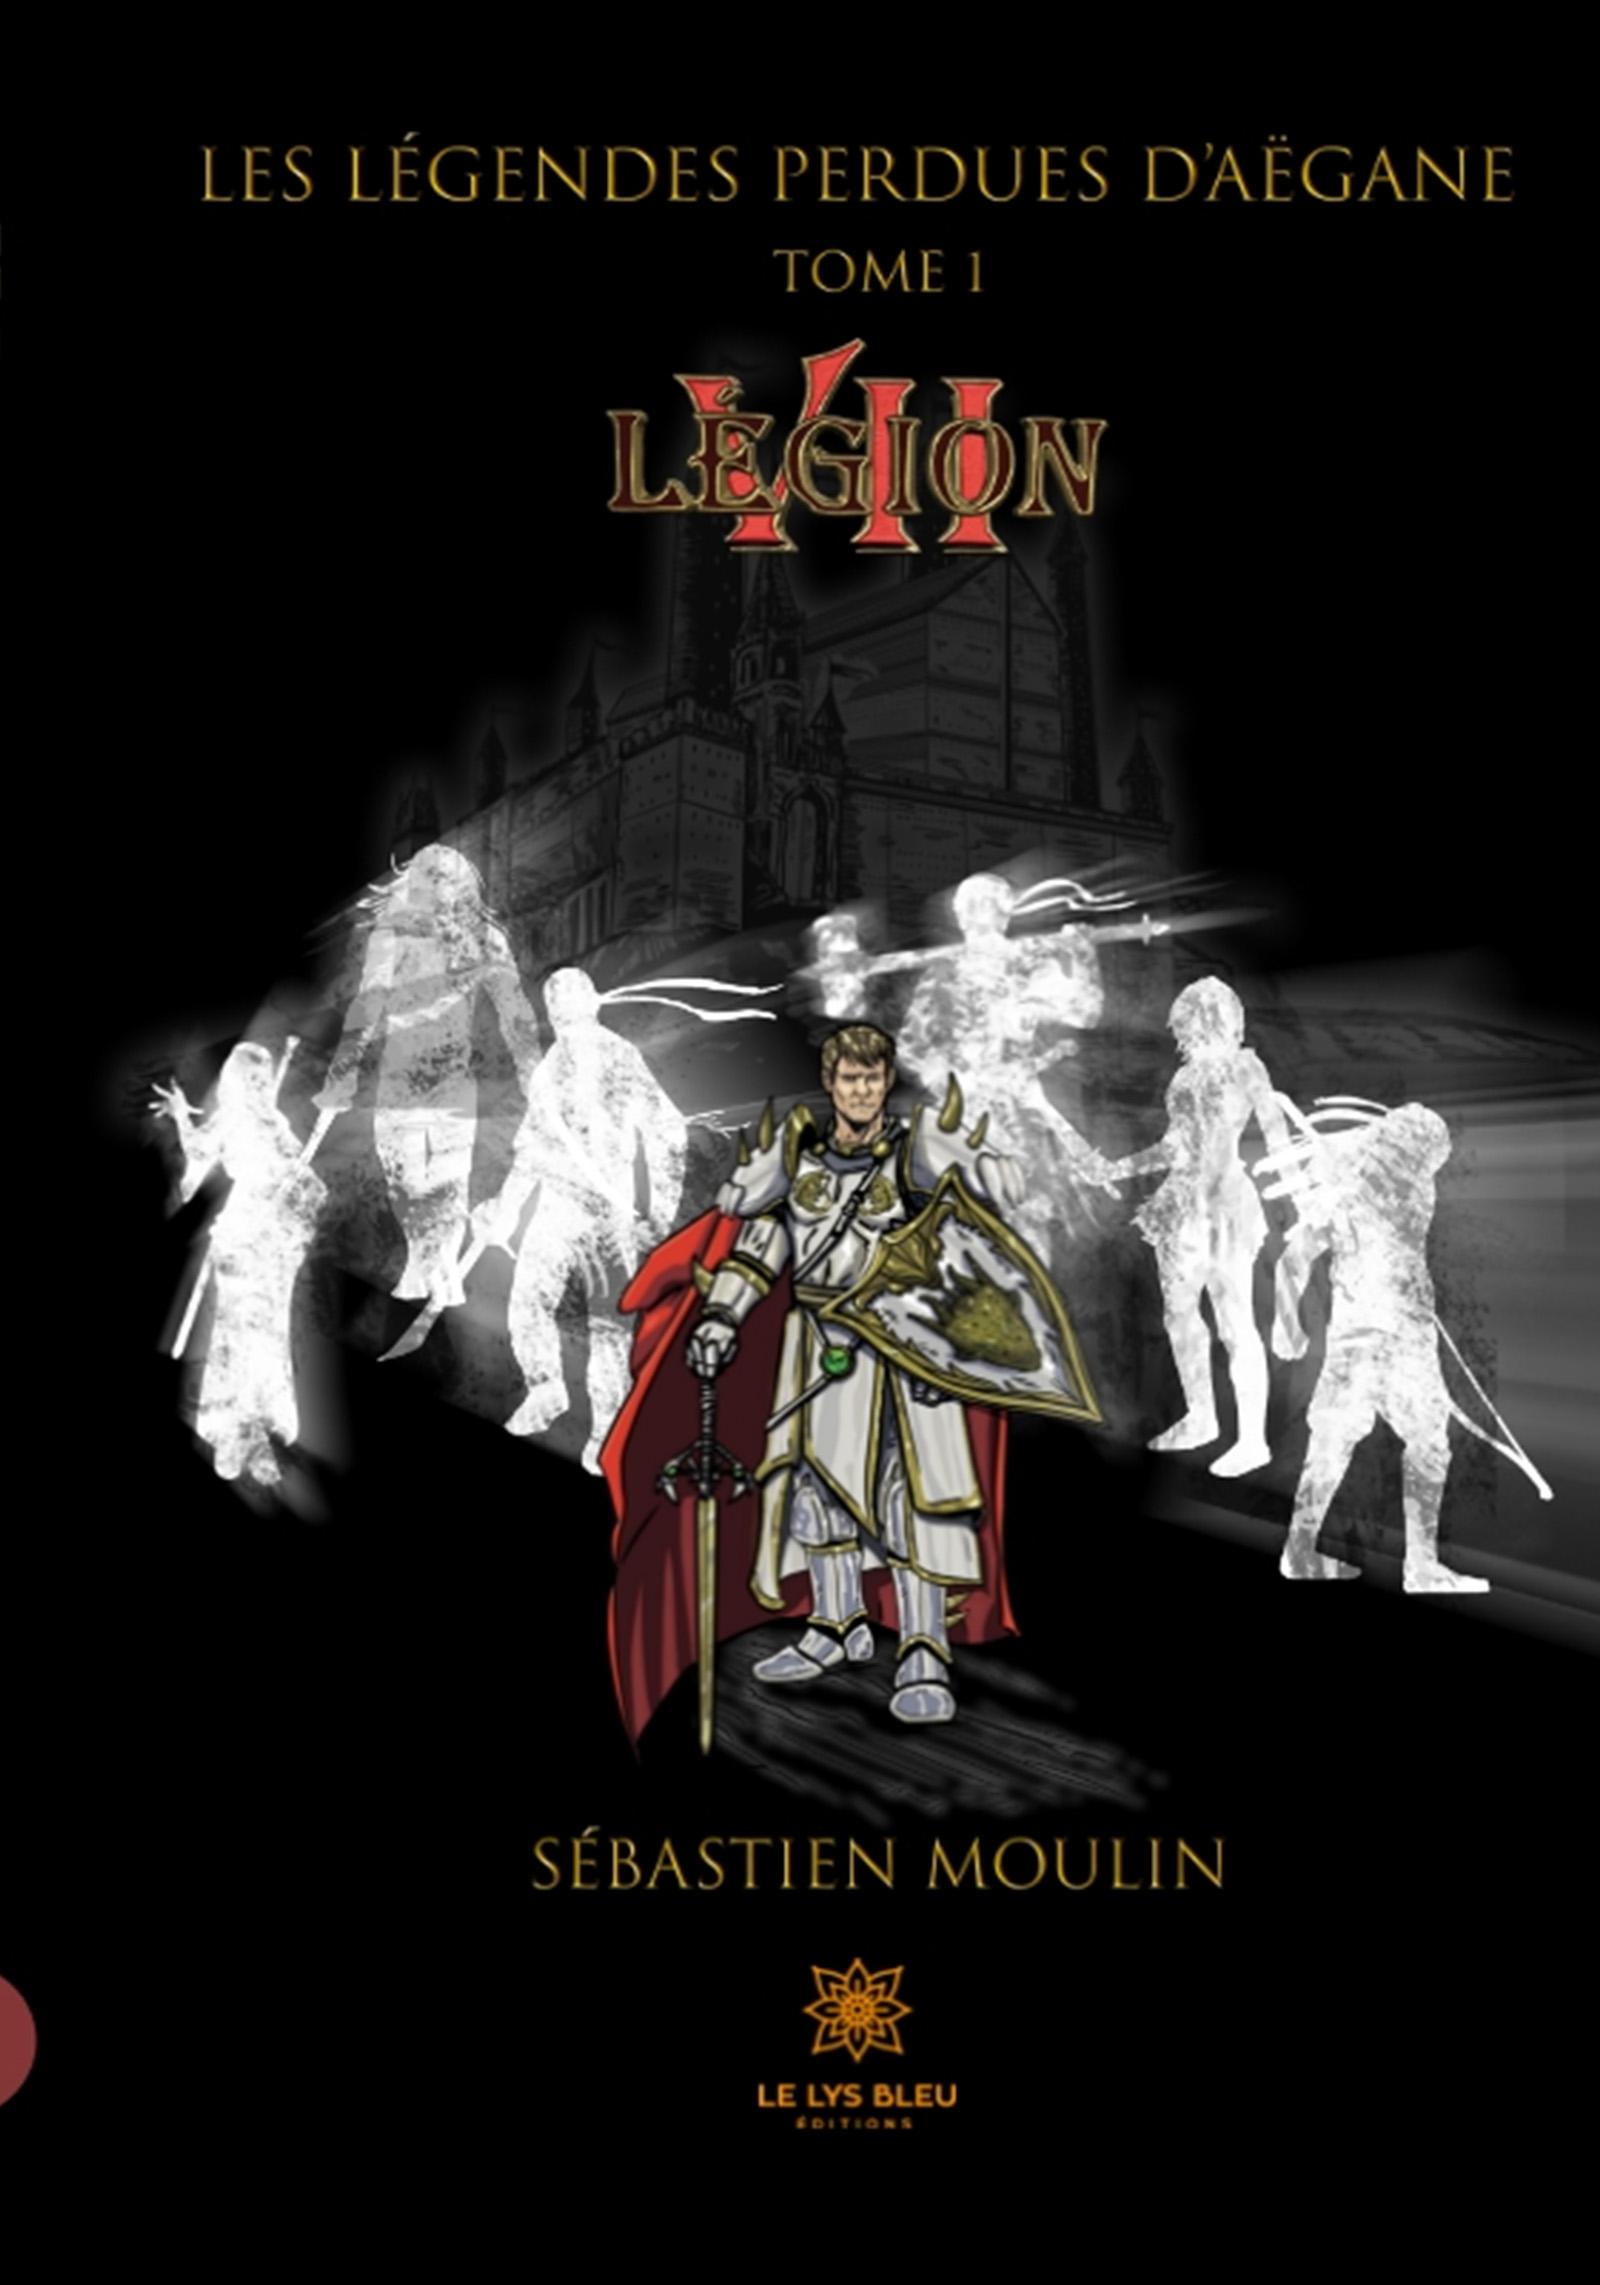 Légion VII